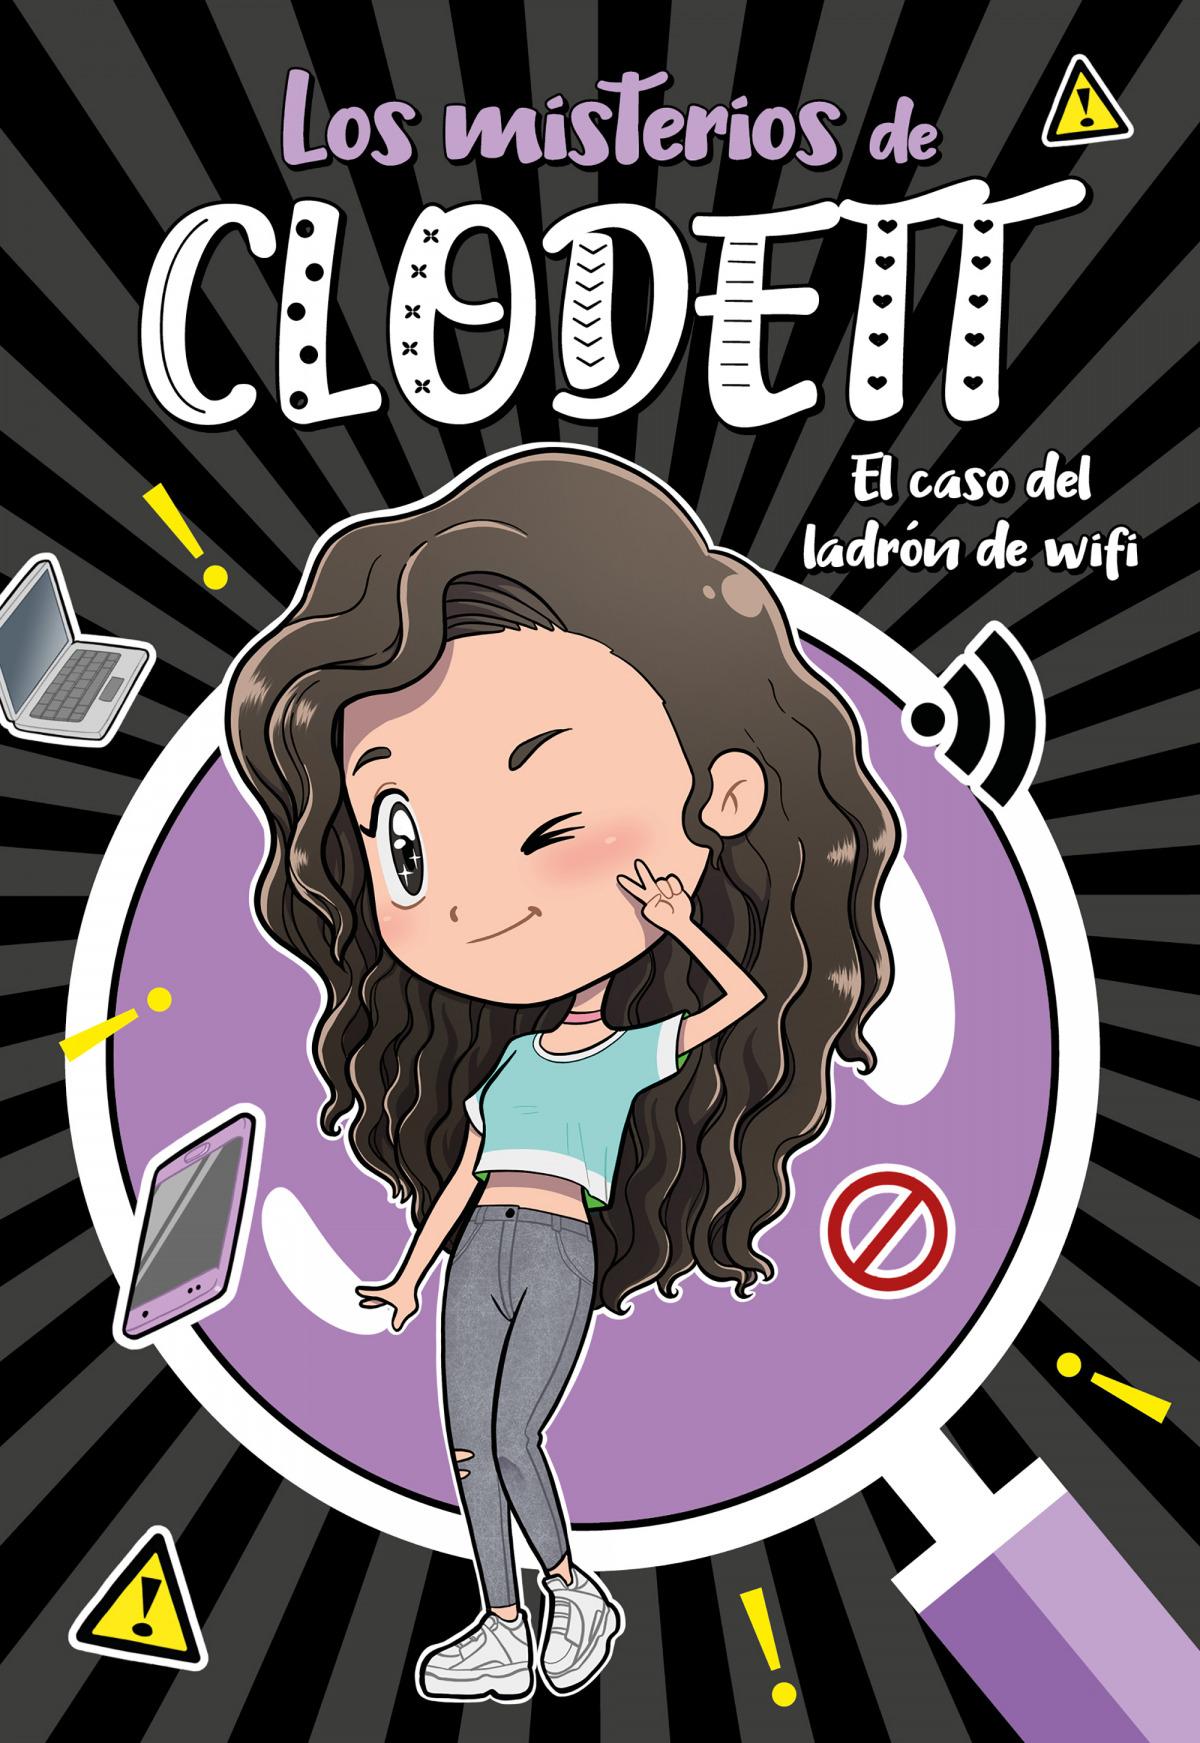 El caso del ladrón de wifi (Misterios de Clodett 1) 9788418038709